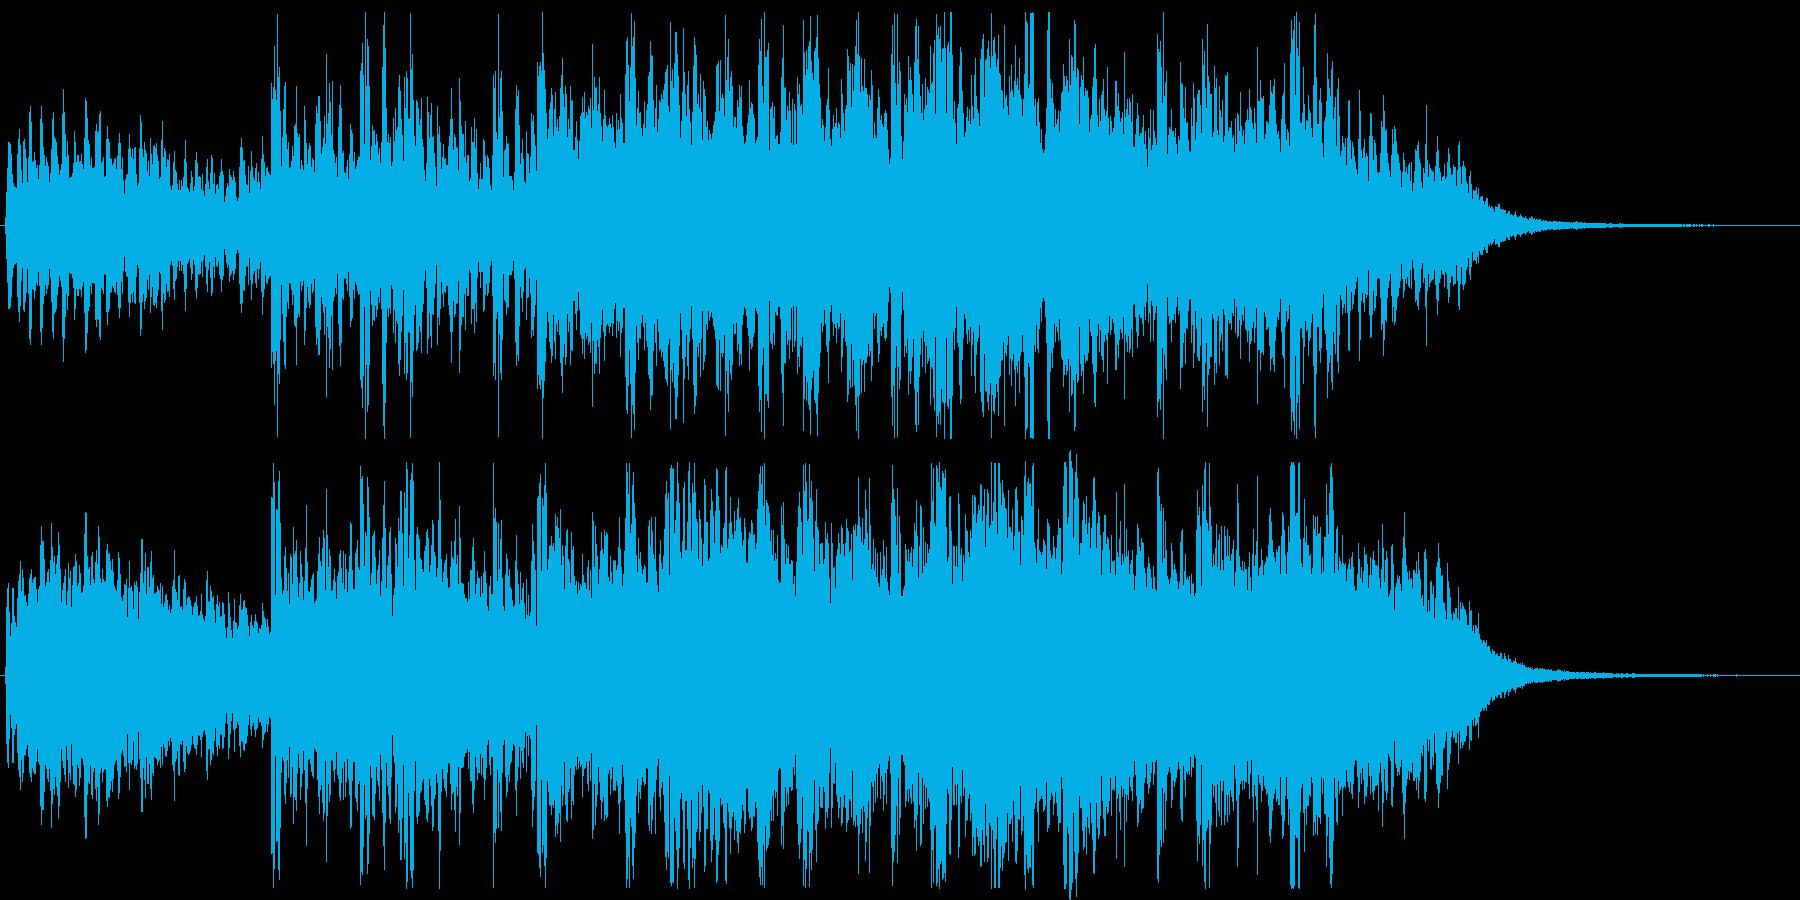 幻想的で怪しい不安定なホラーミュージックの再生済みの波形